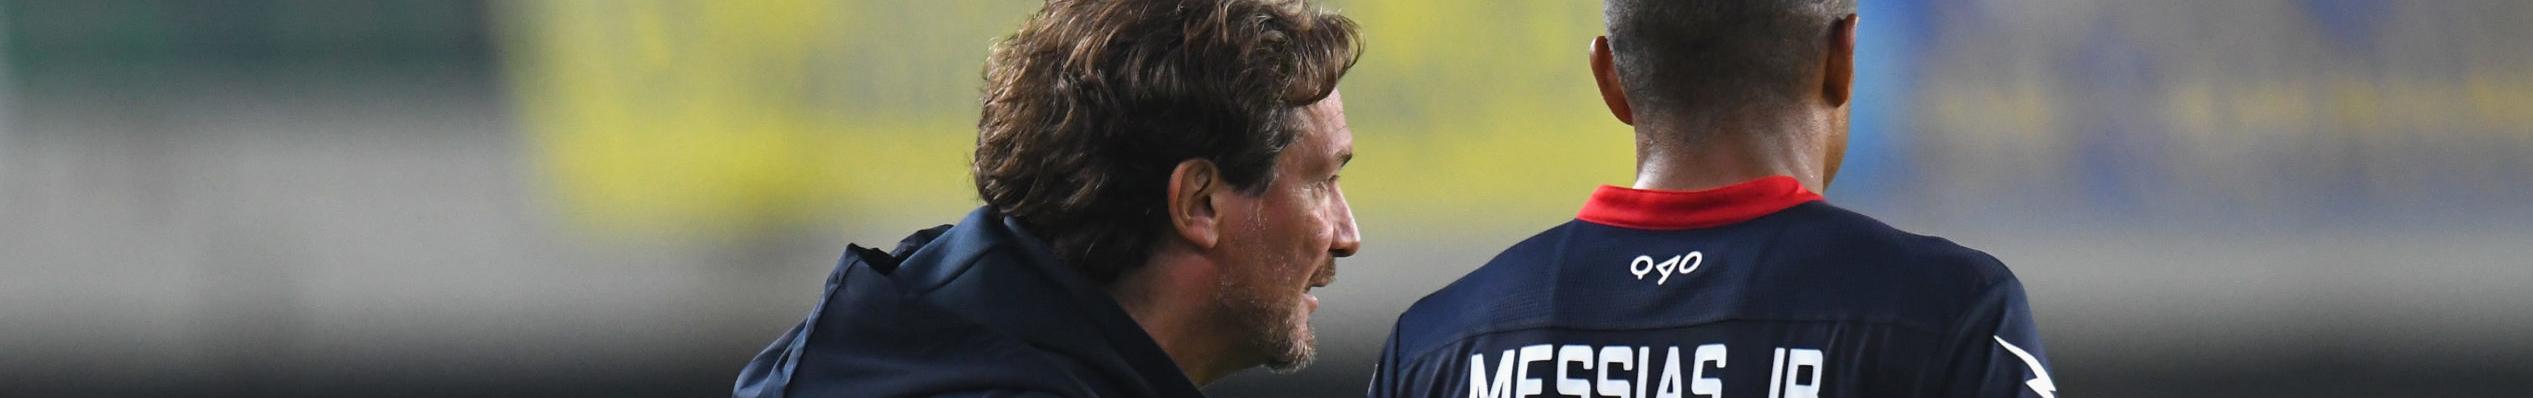 Salernitana-Crotone: sfida tra due squadre dalle posizioni diverse ma dallo stesso rendimento